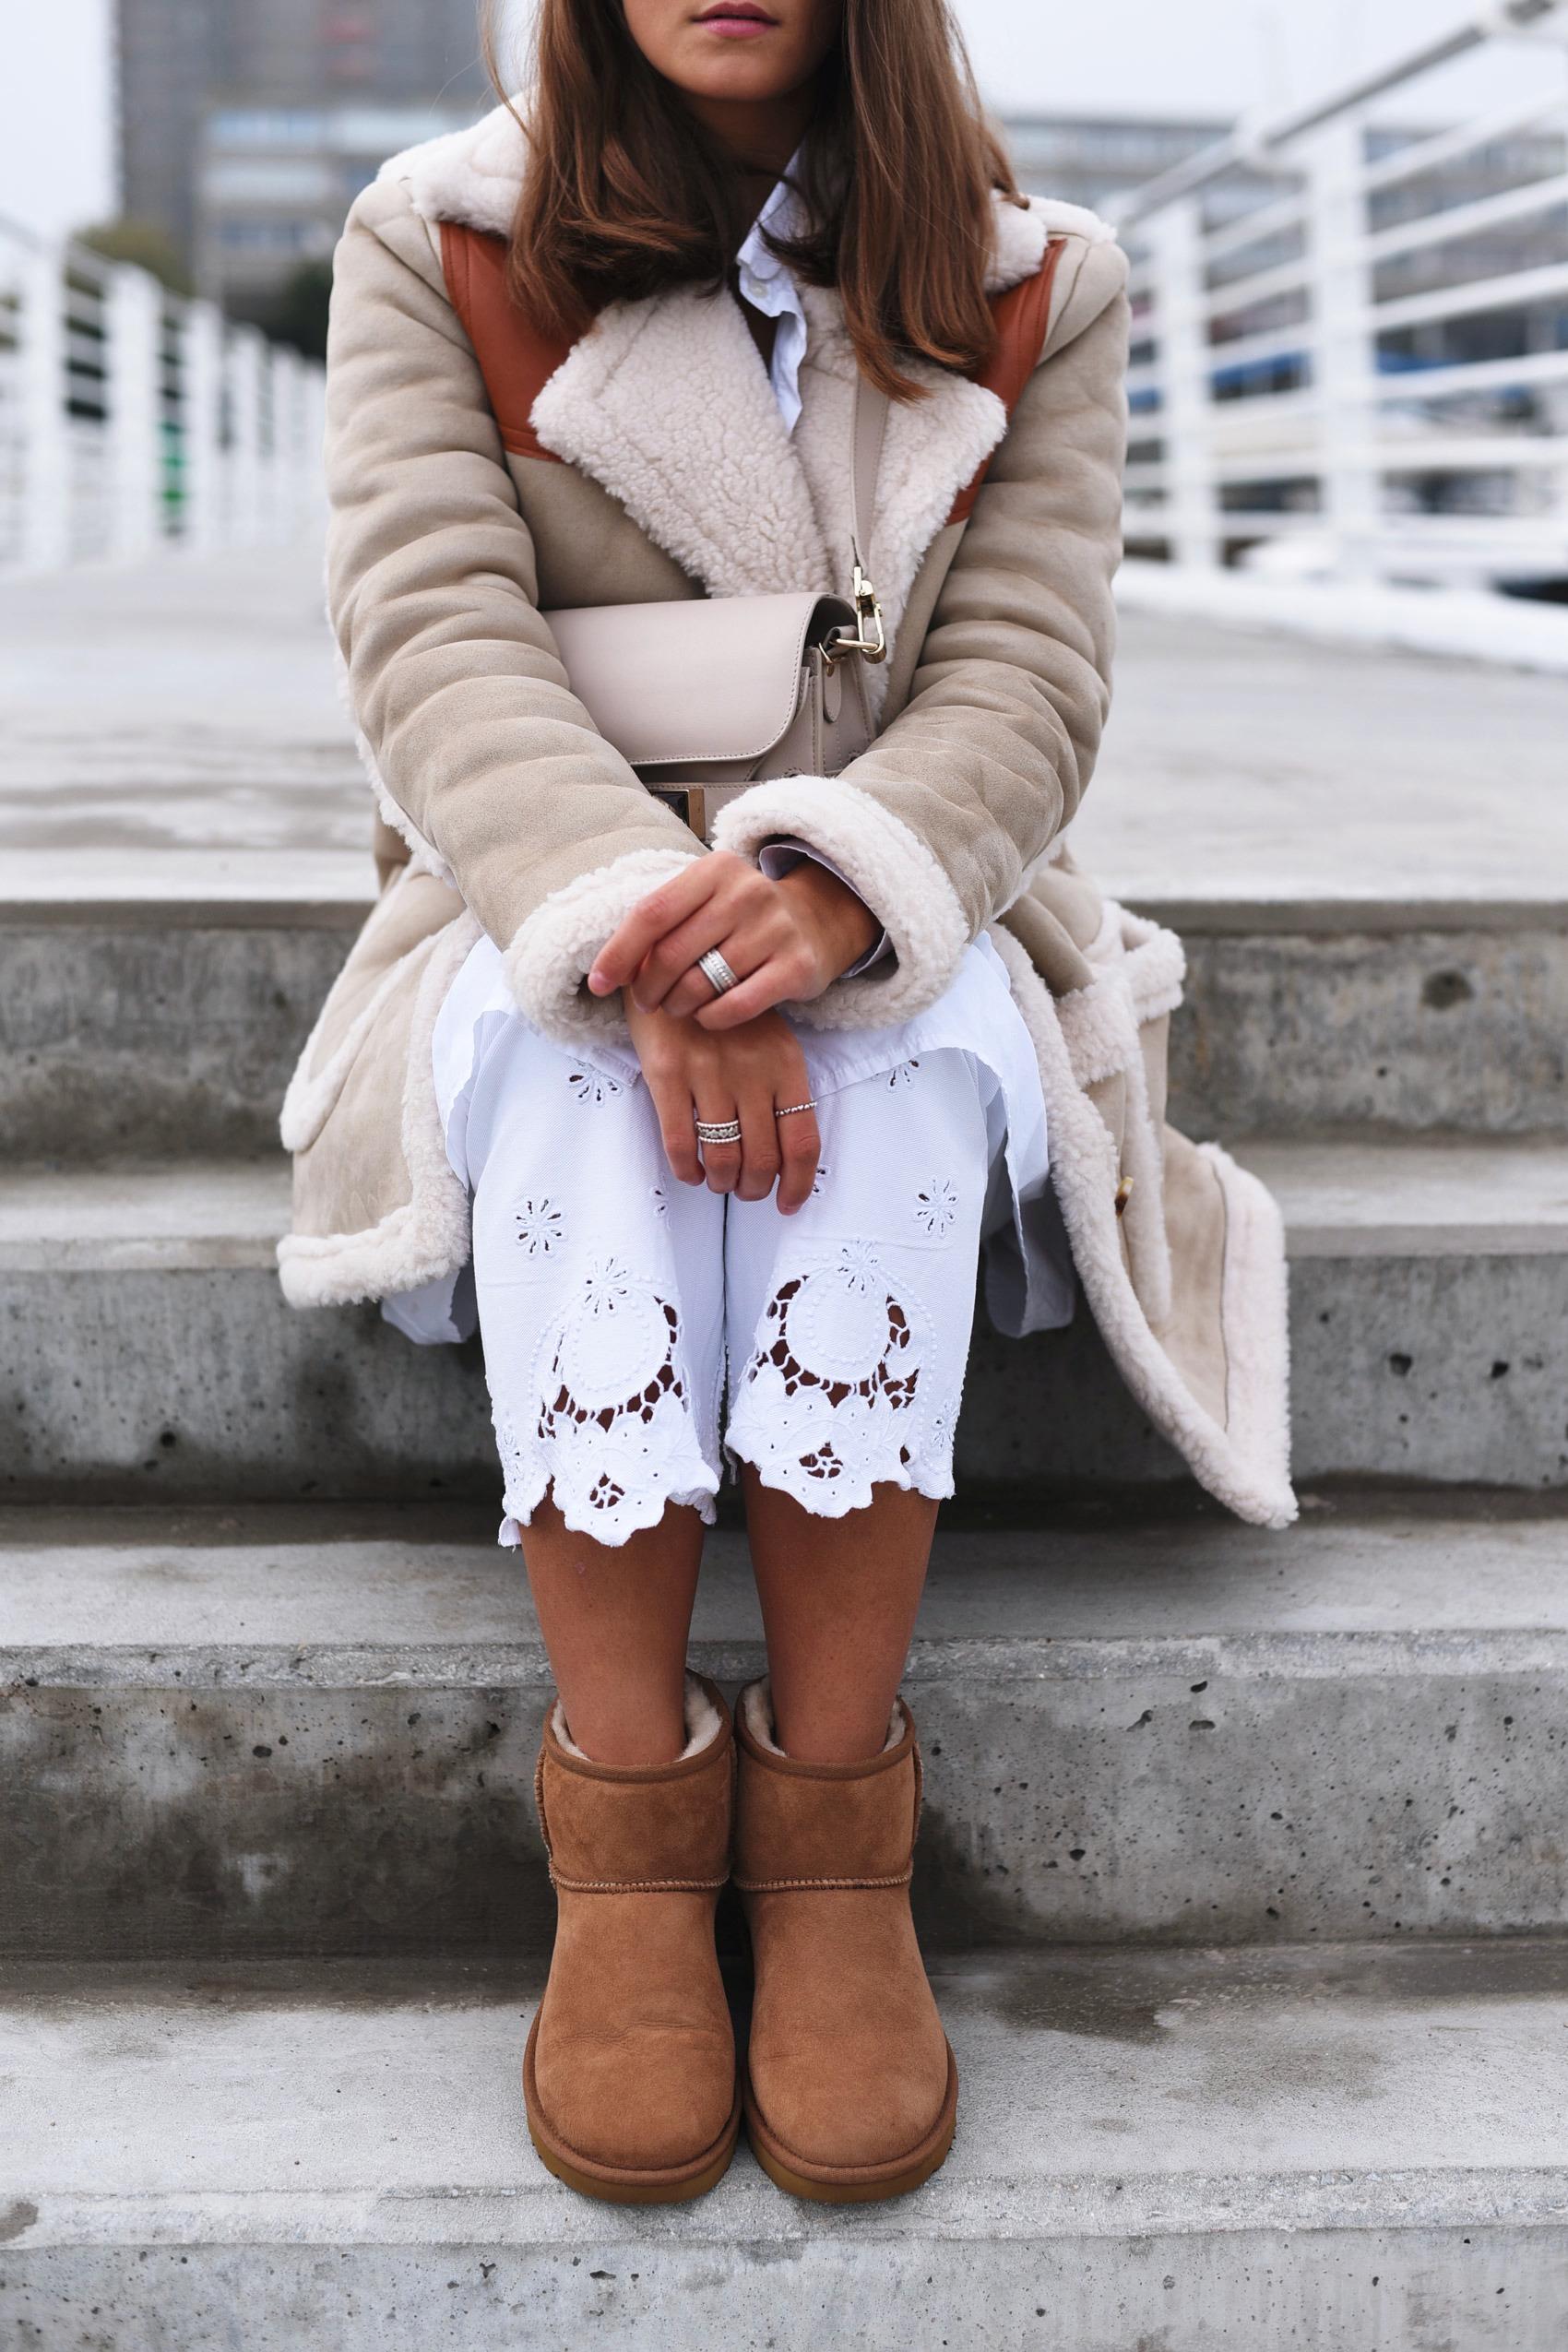 personalisierte-ugg-chestnut-classic-mini-boots-machen-lassen-inititalien-buchstaben-einsticken-fashiioncarpet